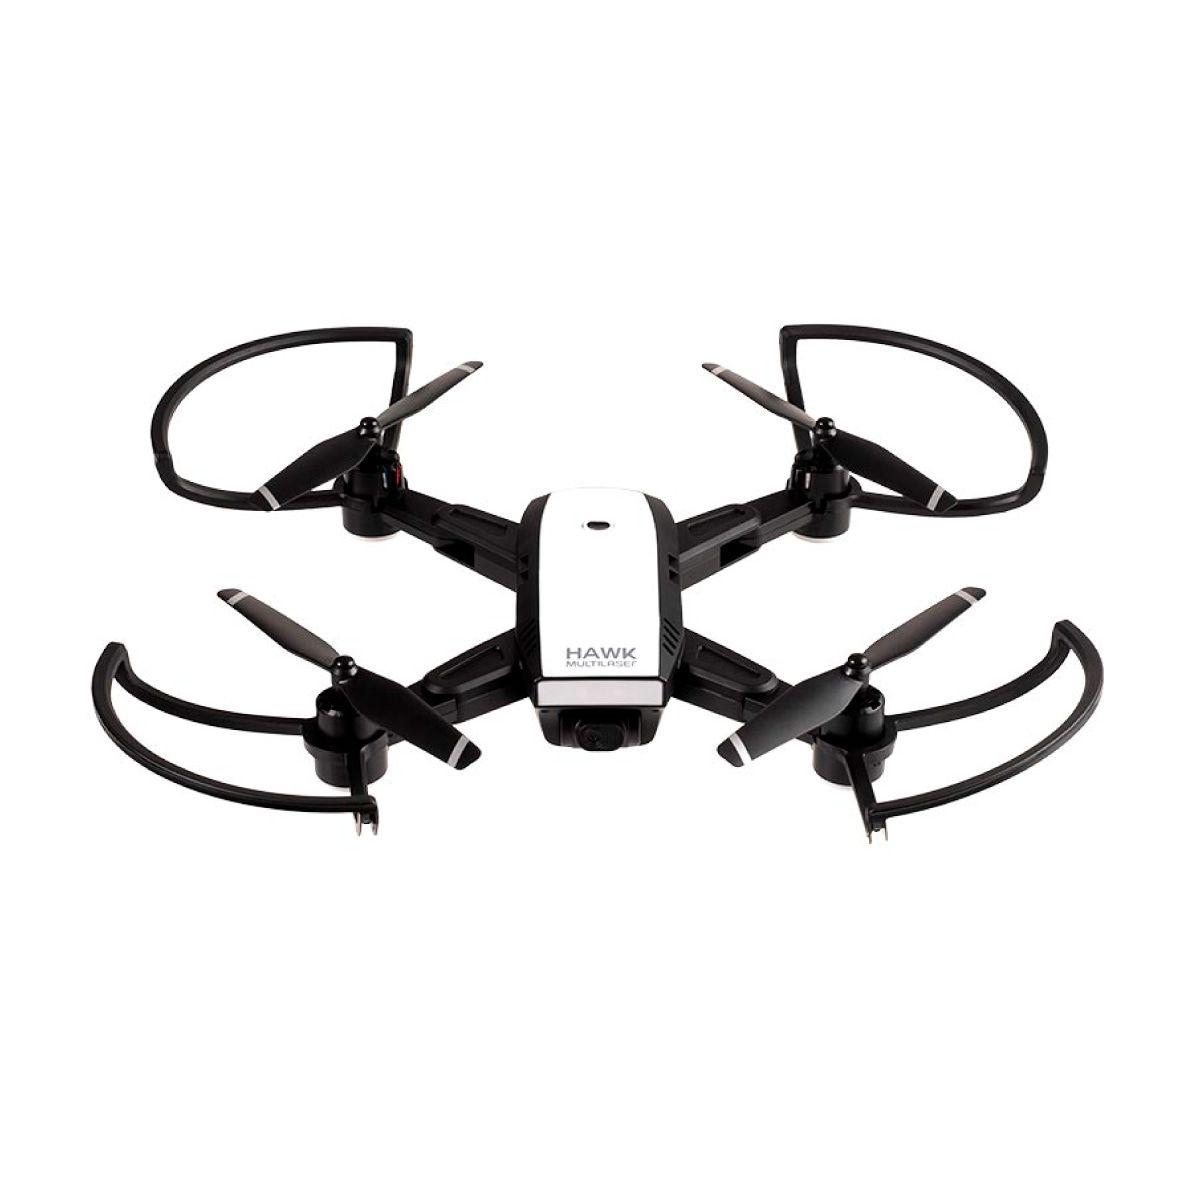 Drone Atrio Hawk HD GPS FPV Câmera HD 1280p Alcance 150m